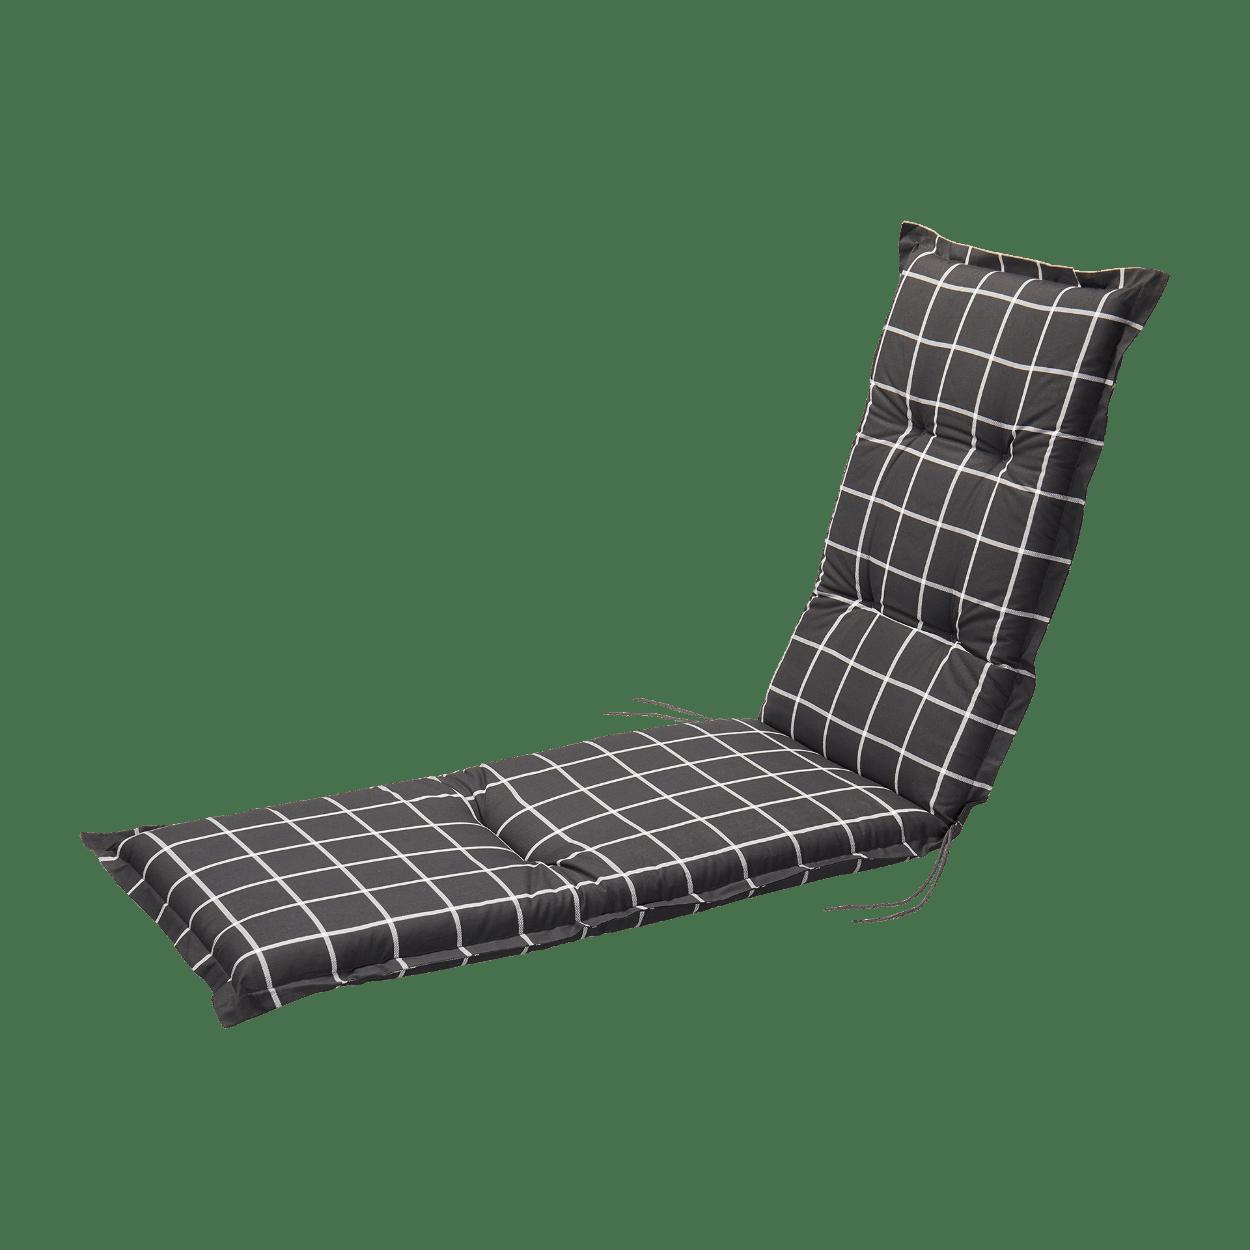 Full Size of Aldi Gartenliege Nord 2019 Aluminium Auflage Alu Rattan Xxl Gartenliegen Relaxsessel Garten Wohnzimmer Aldi Gartenliege